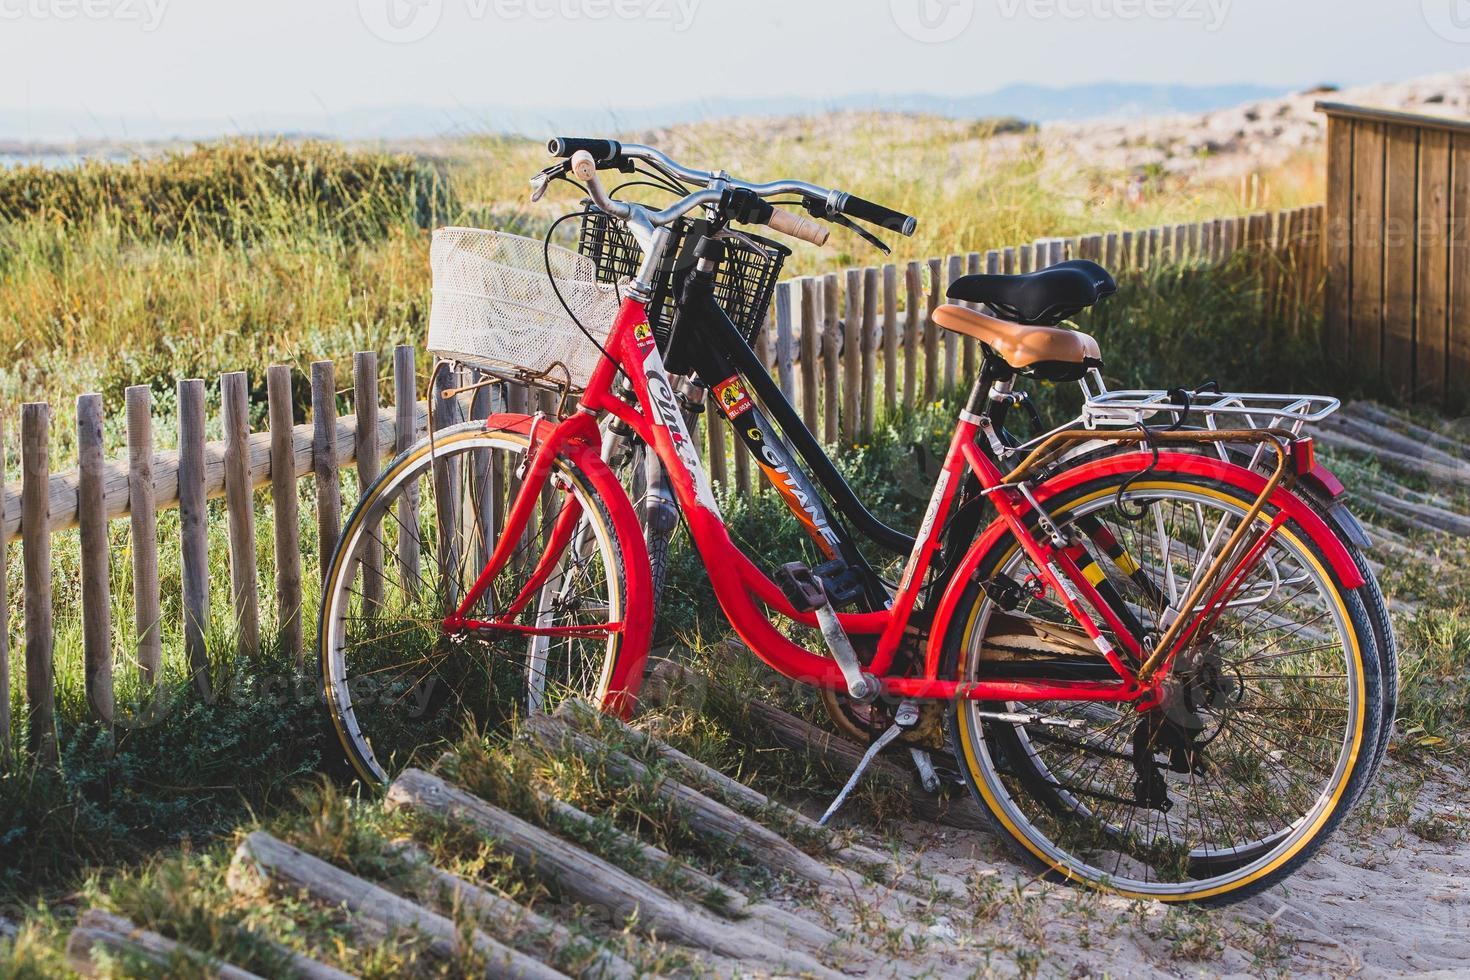 bicicletas na praia de illetes em formentera na espanha em tempos de covid 19 foto